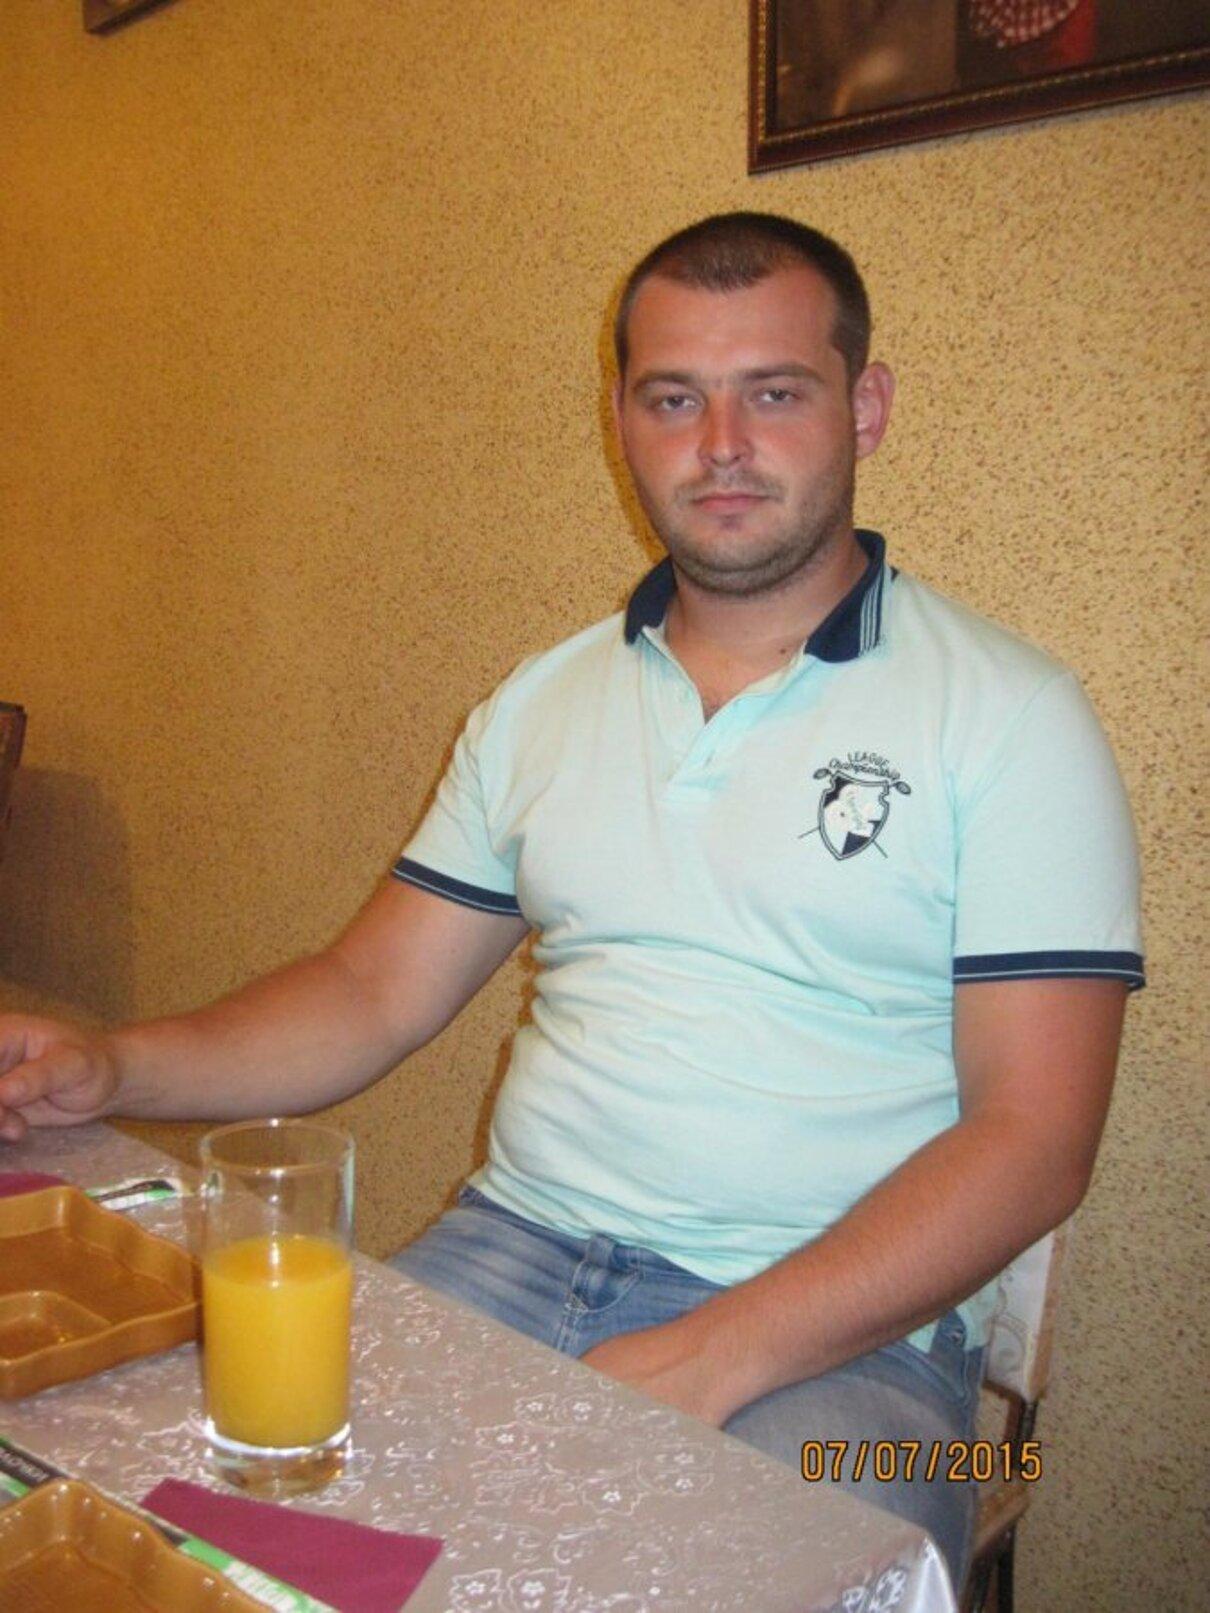 Жалоба-отзыв: Лозень Дмитрий Сергеевич - Мошенник, аферист, альфонс.  Фото №1